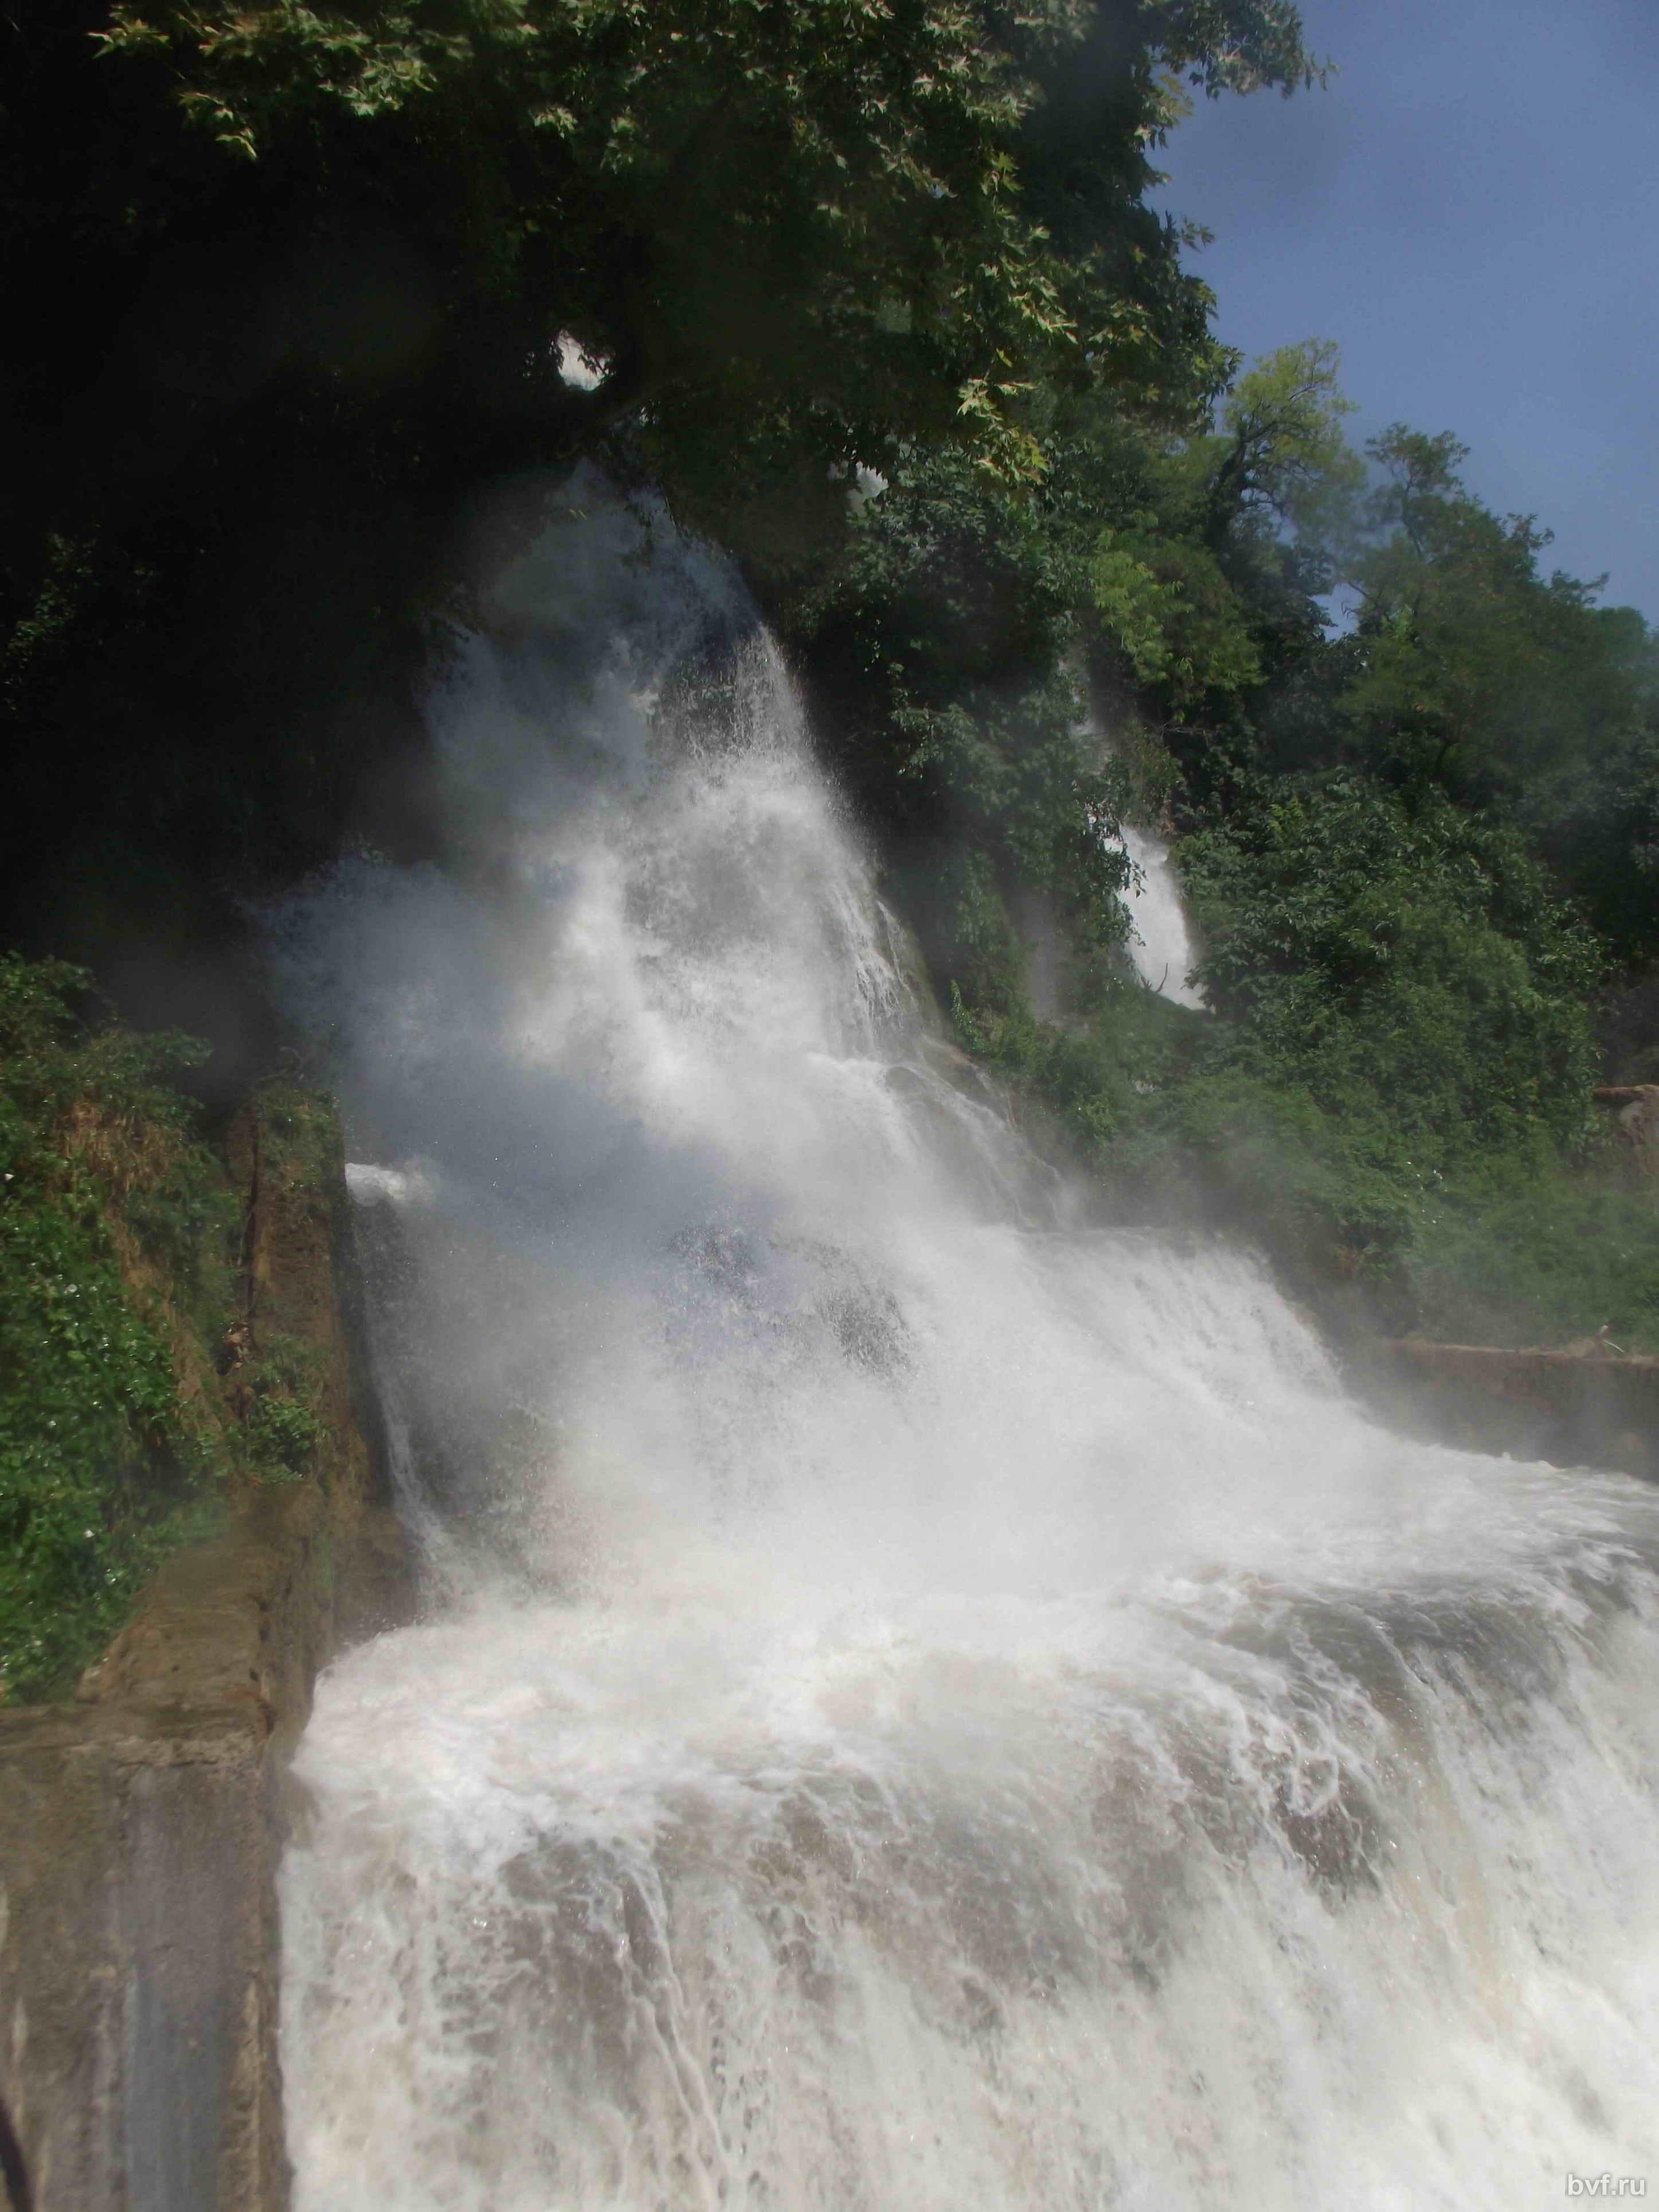 Нажмите на изображение для увеличения Название: water2_resize.jpg Просмотров: 12 Размер:525.4 Кб ID:1929952